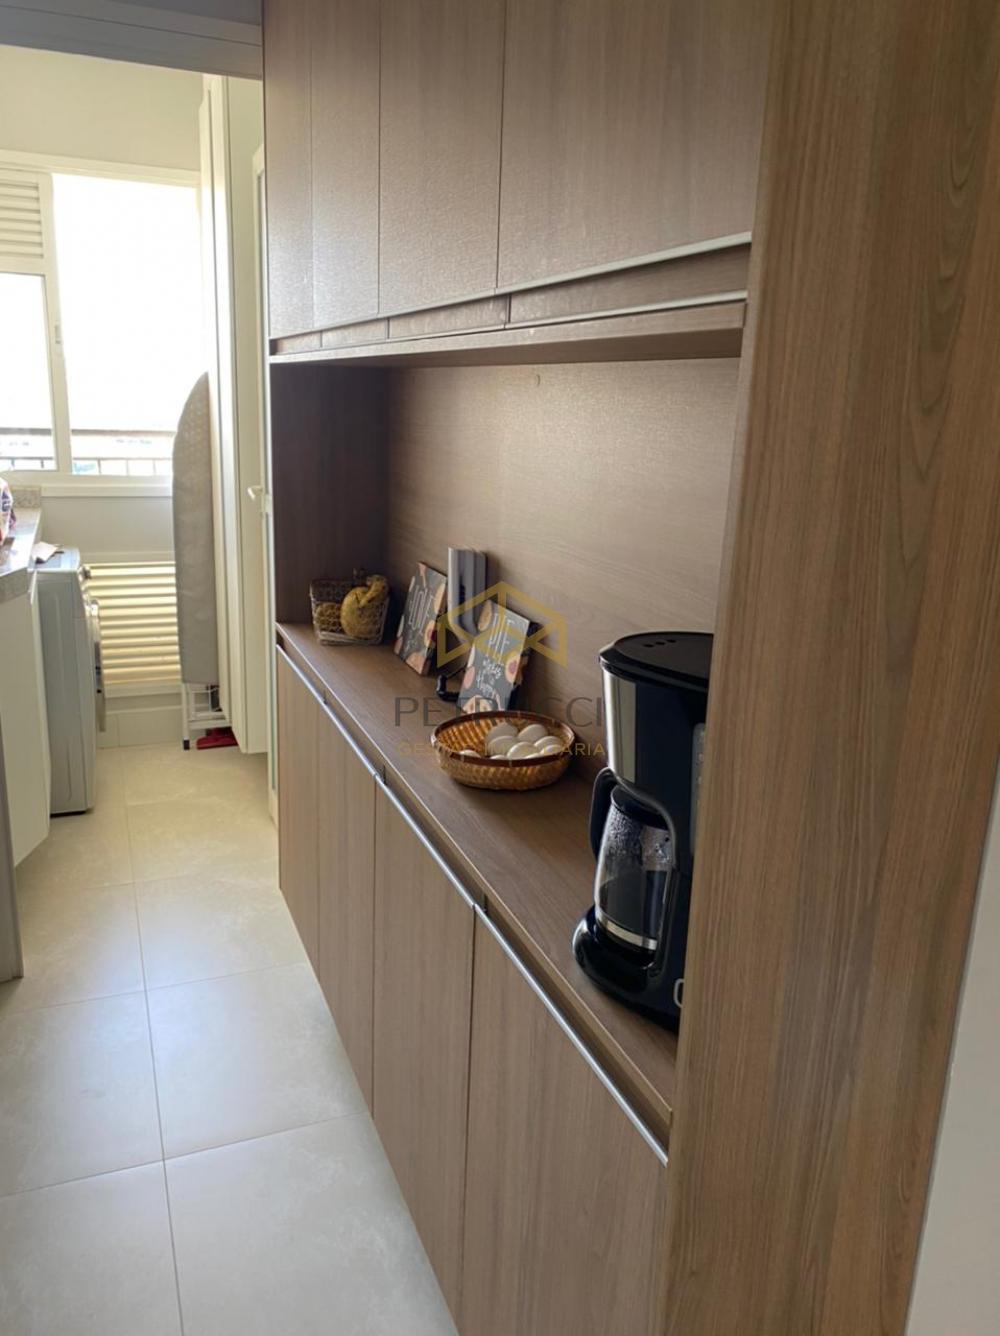 Comprar Apartamento / Padrão em Campinas R$ 1.060.000,00 - Foto 9